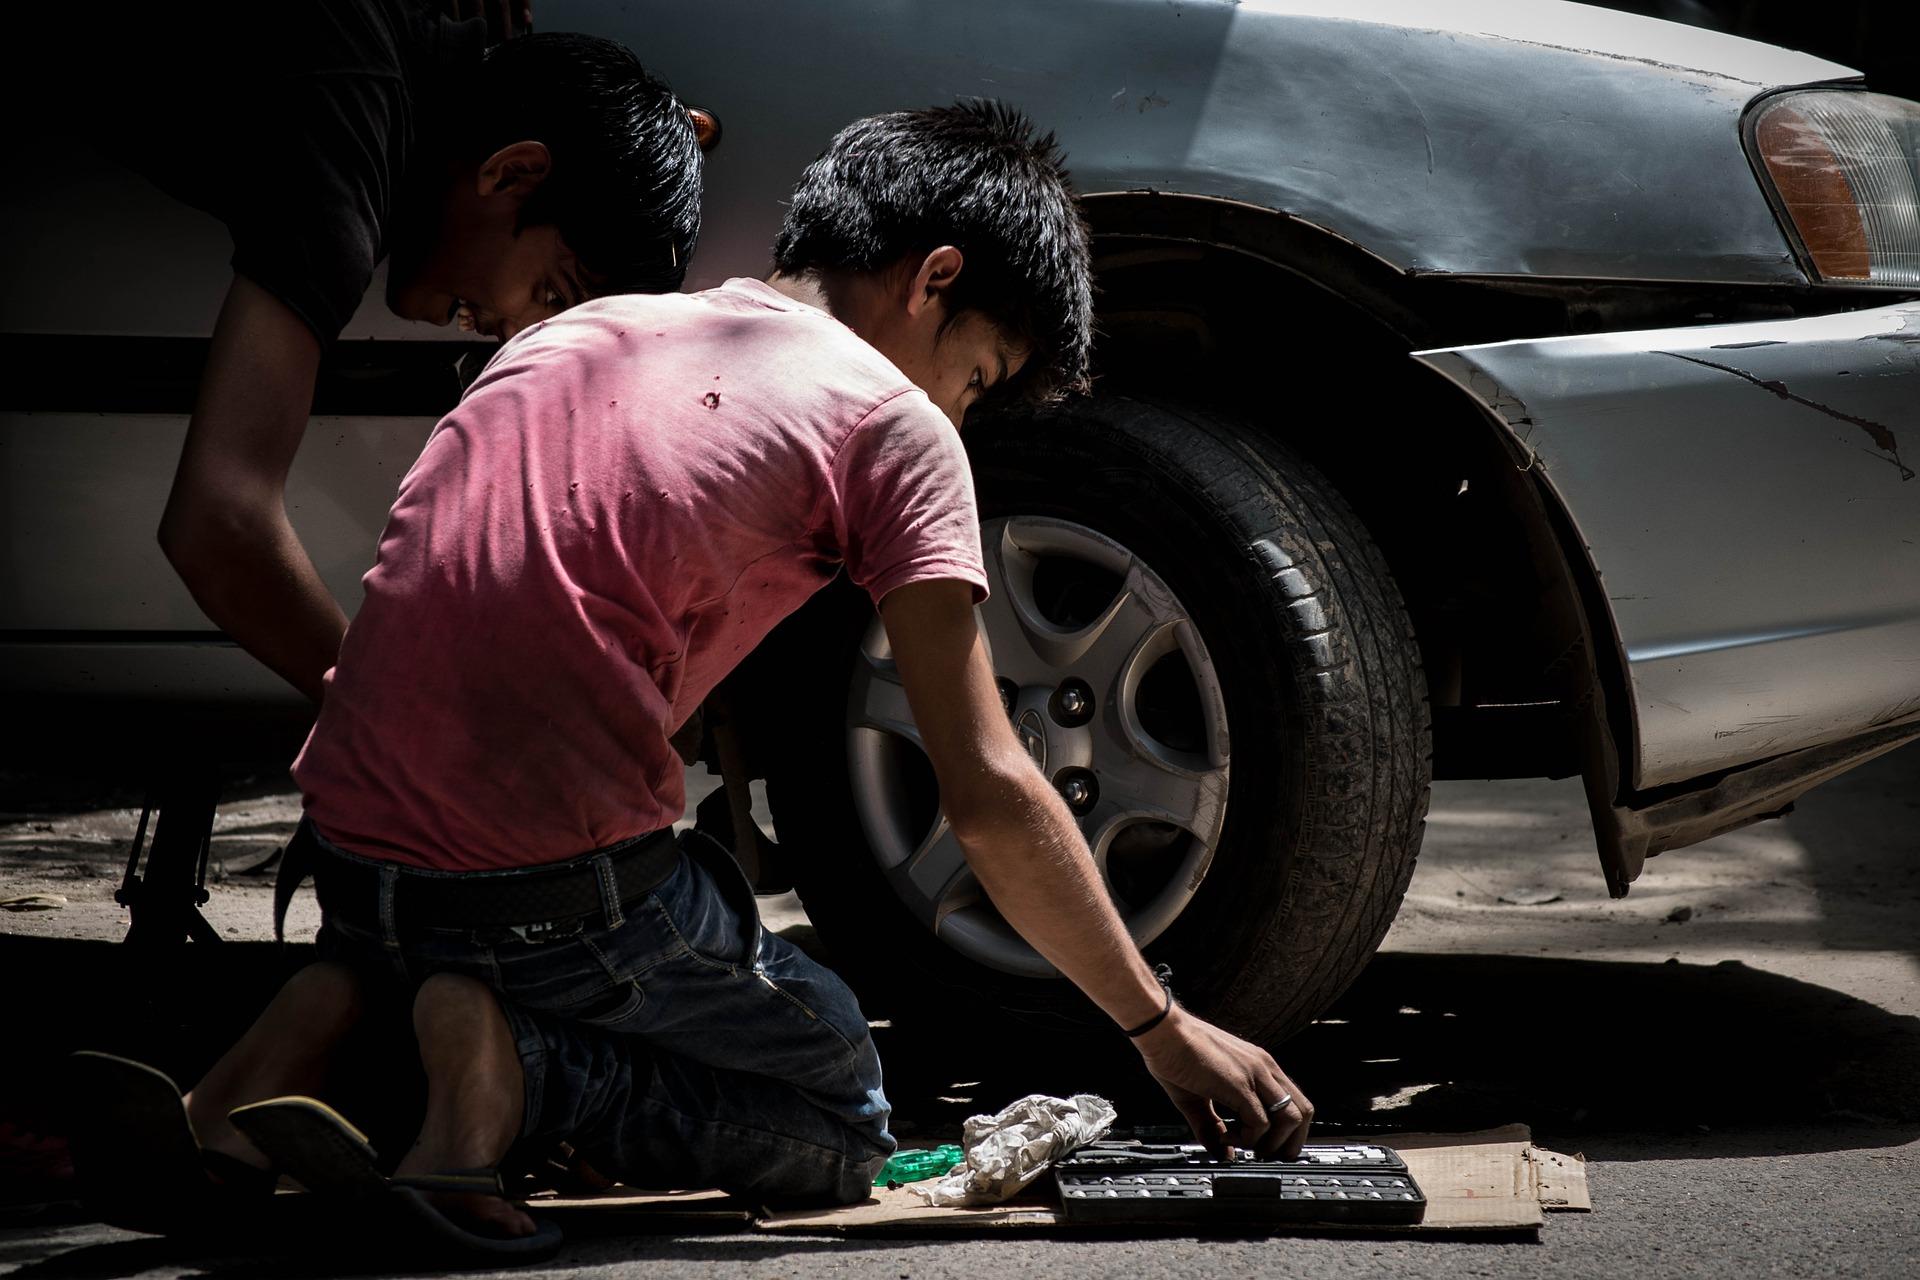 児童労働撲滅に向けた取り組みは?